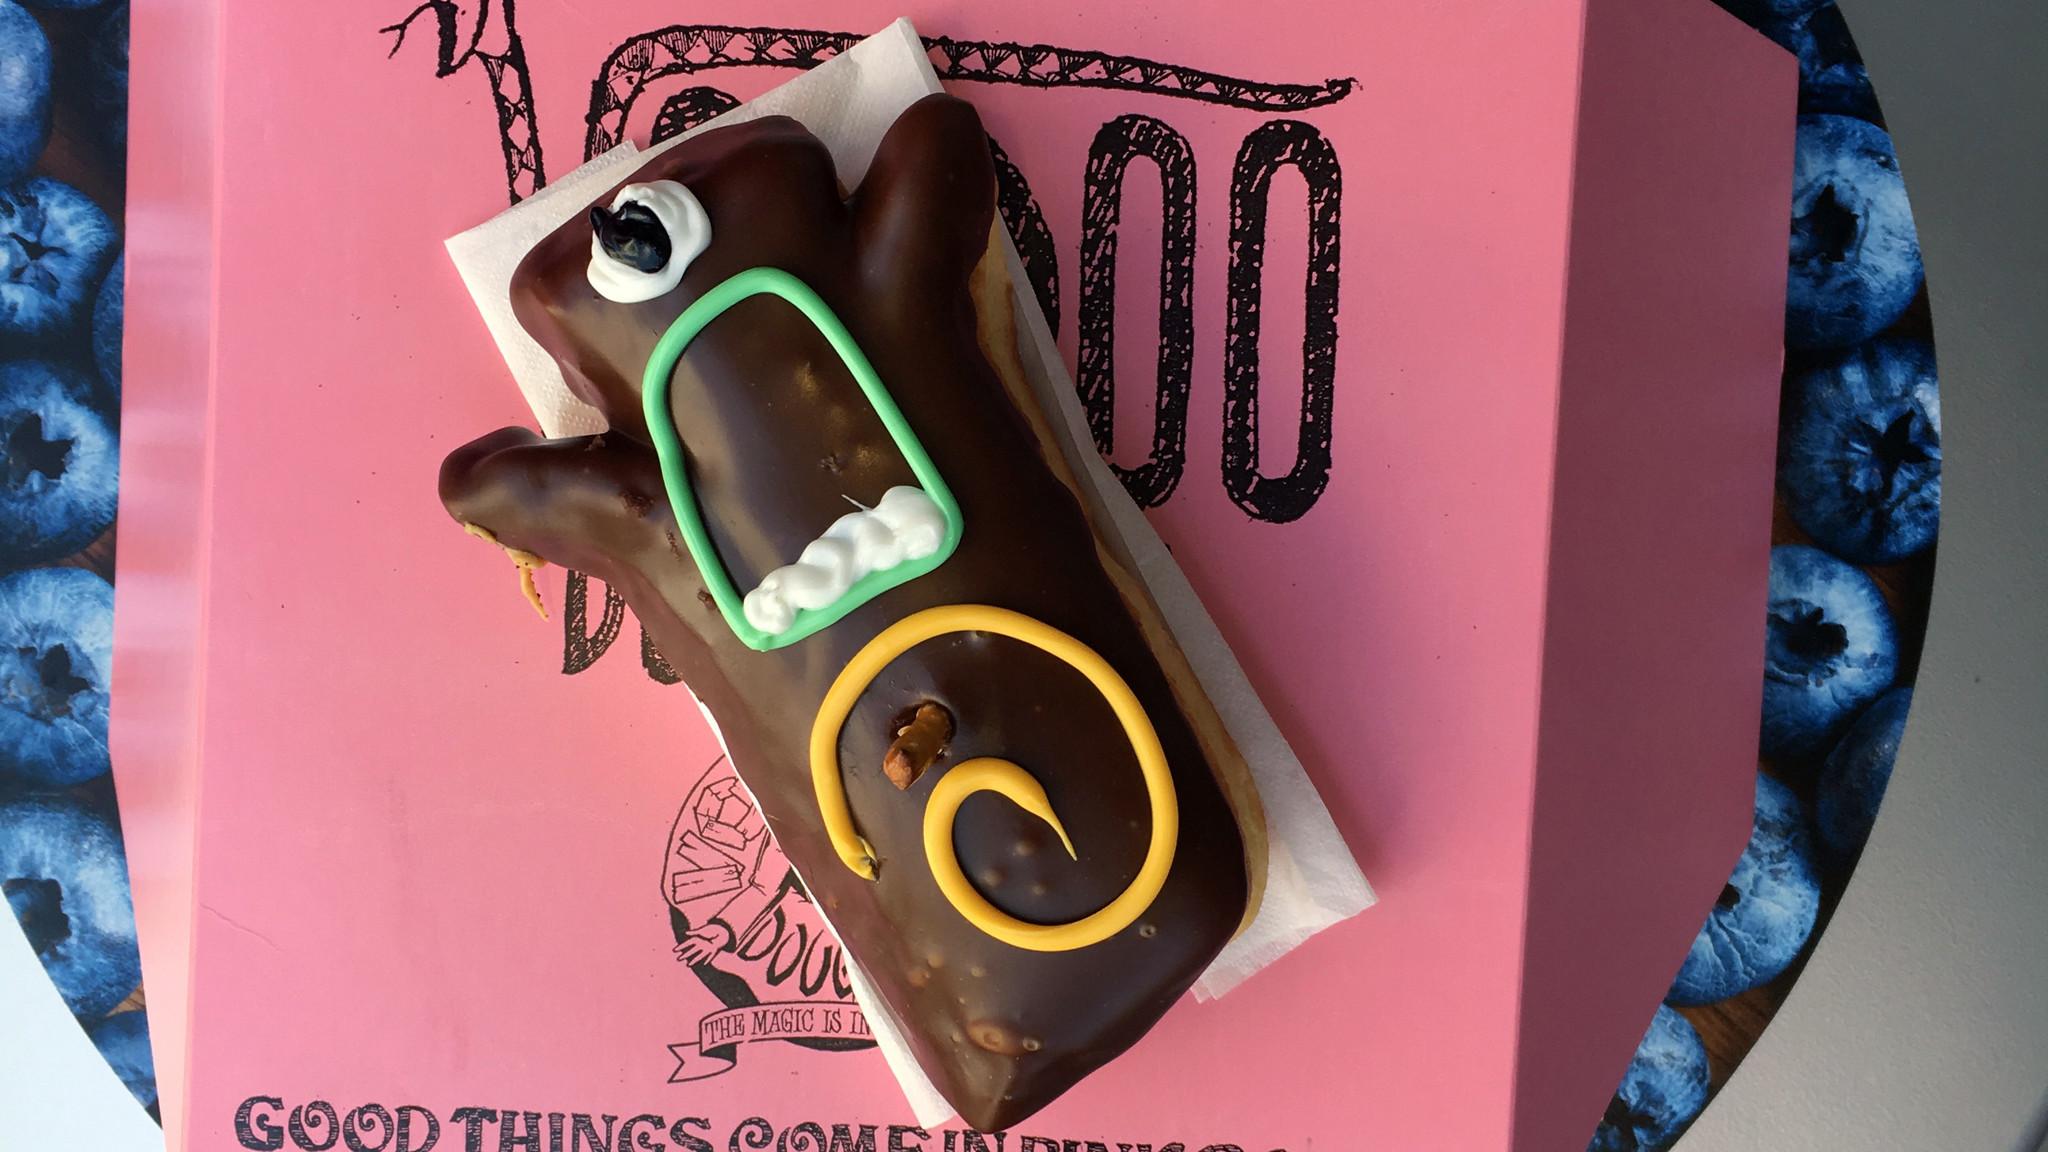 The Voodoo doughnut from Voodoo Doughnuts.